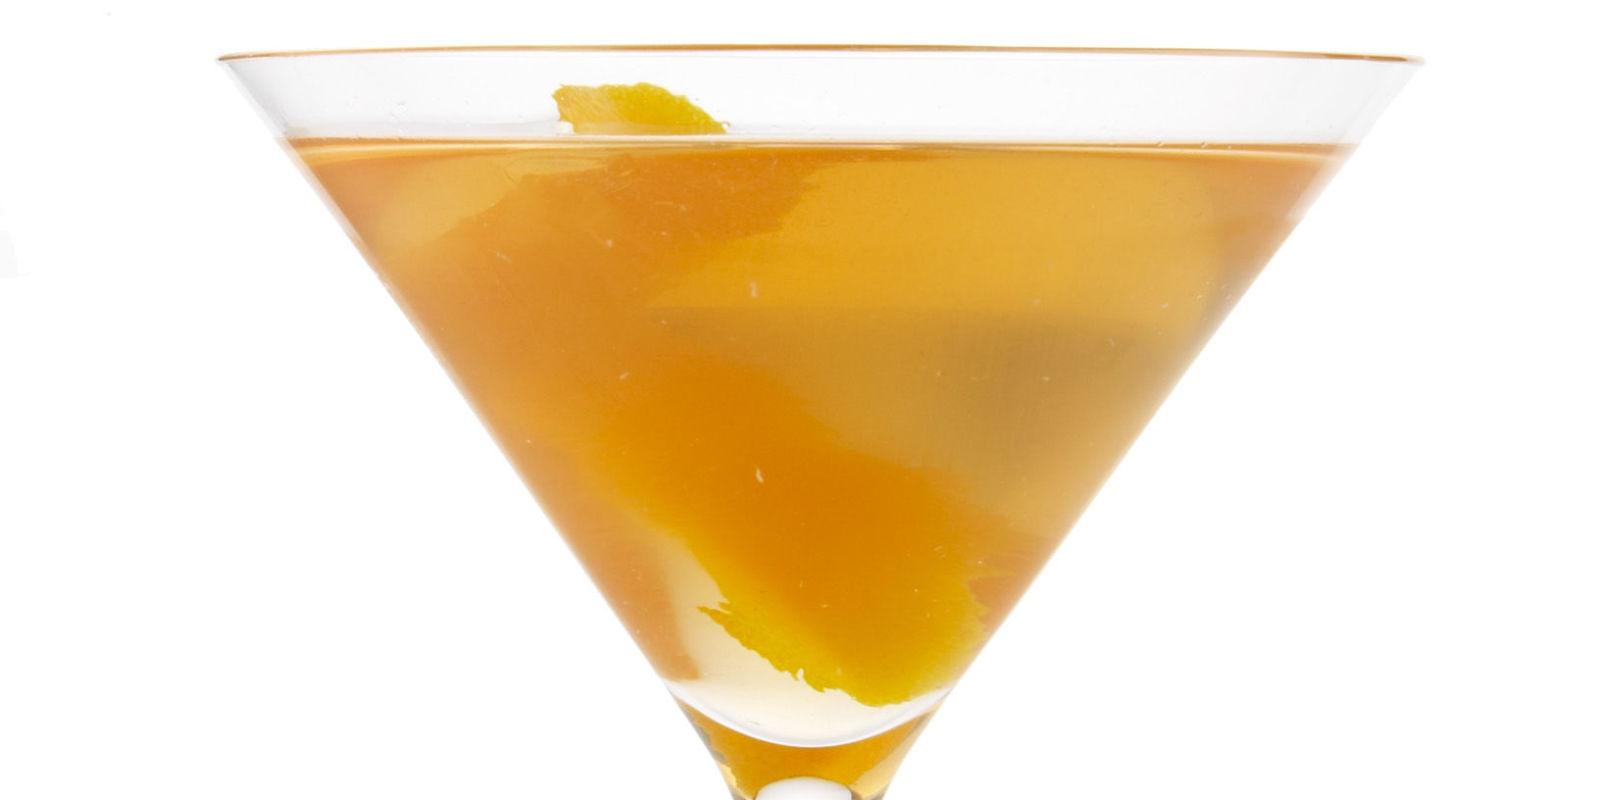 El Presidente - Drink Recipe – How to Make the Perfect El Presidente